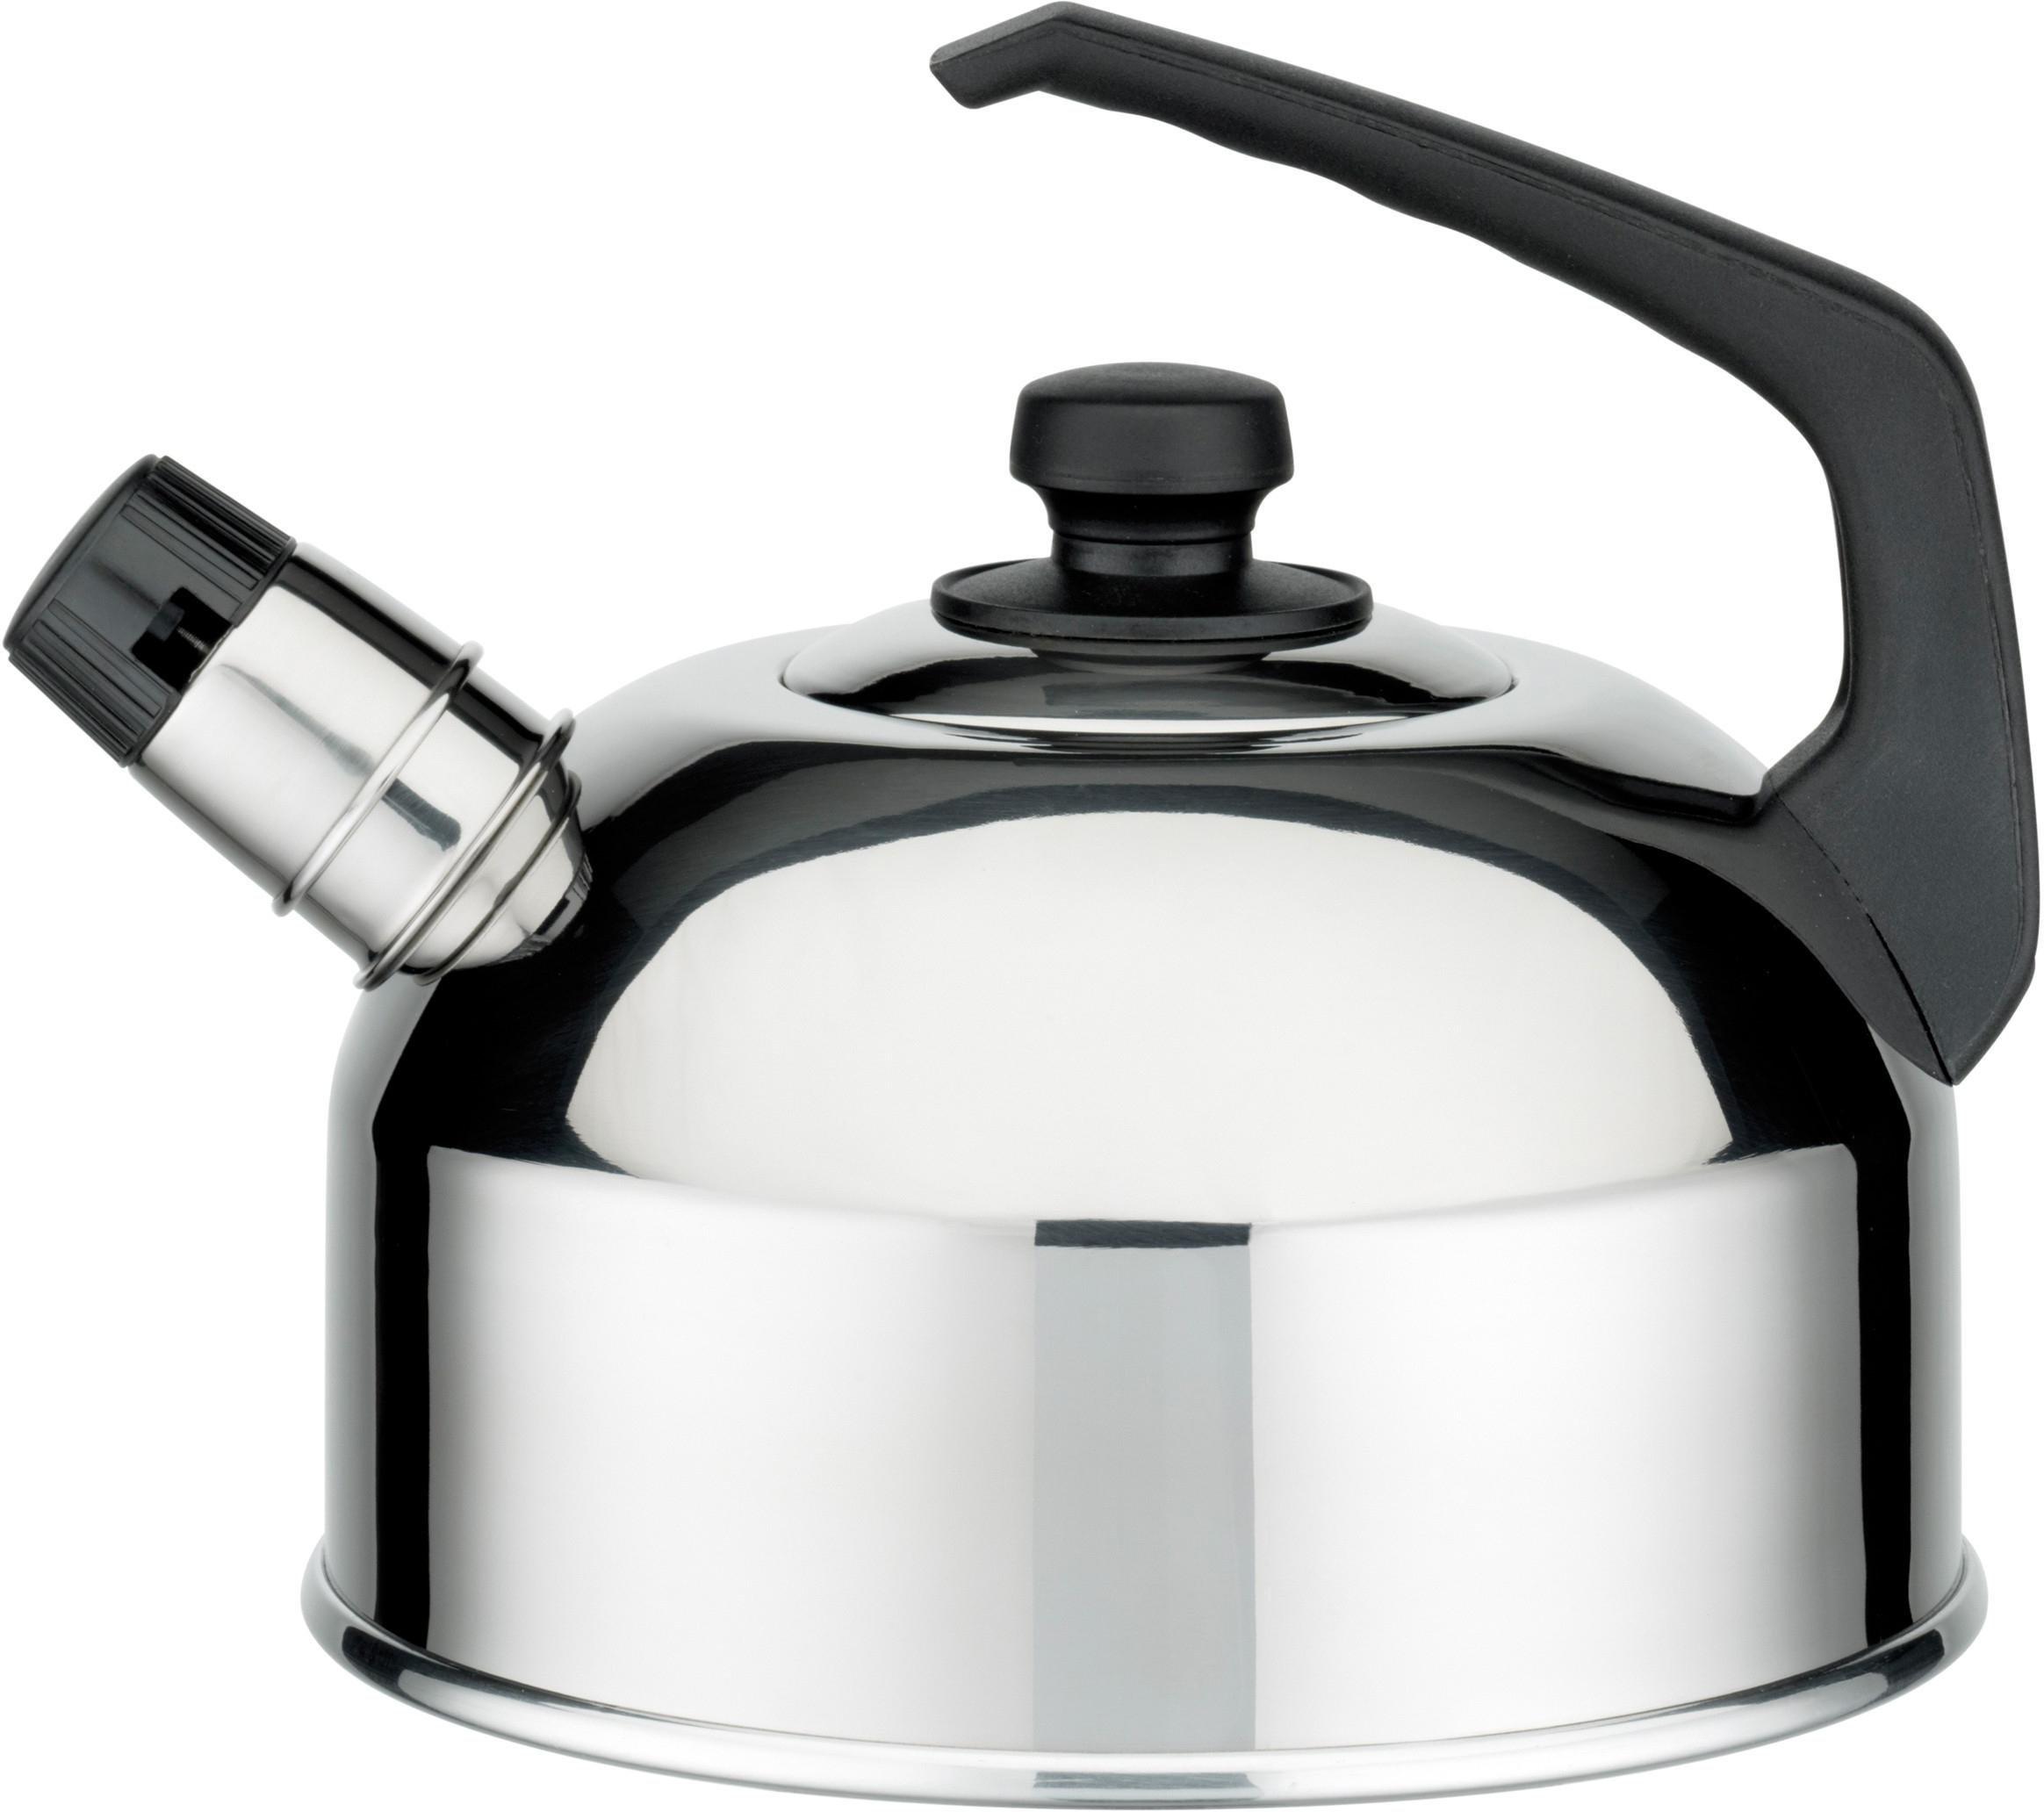 GSW Flötenkessel, Edelstahl, Ø 20 cm, »Classic« | Küche und Esszimmer > Küchengeräte > Wasserkocher | Edelstahl | GSW